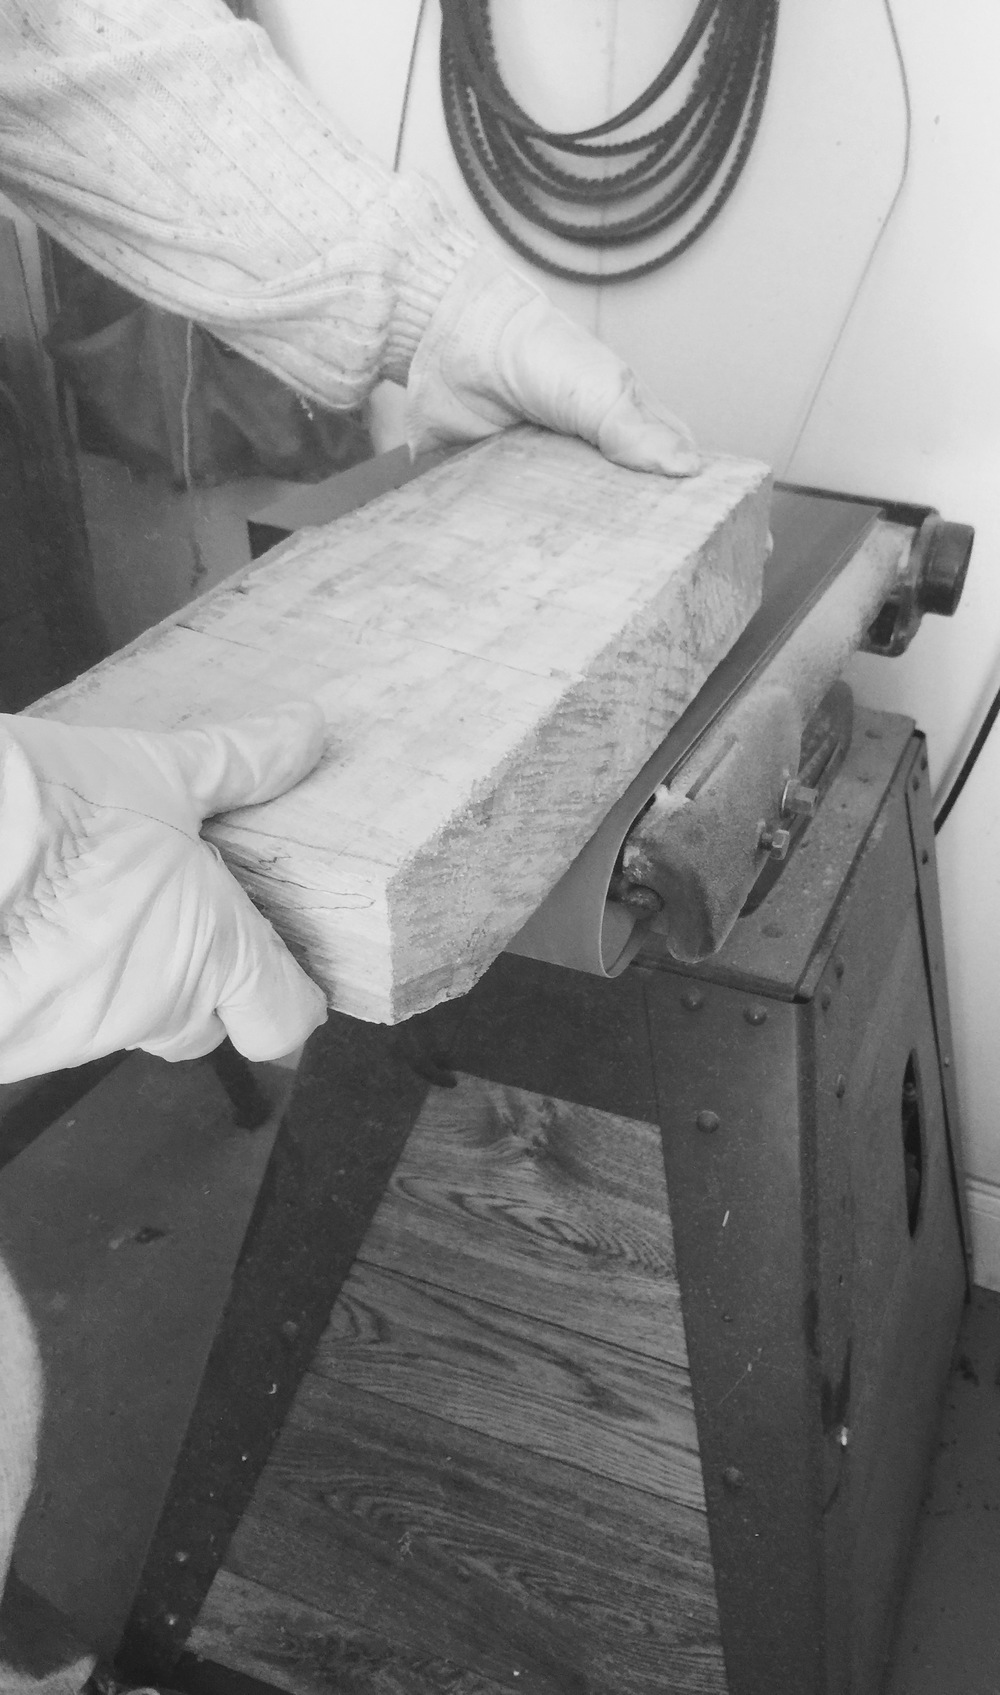 wood shop sander